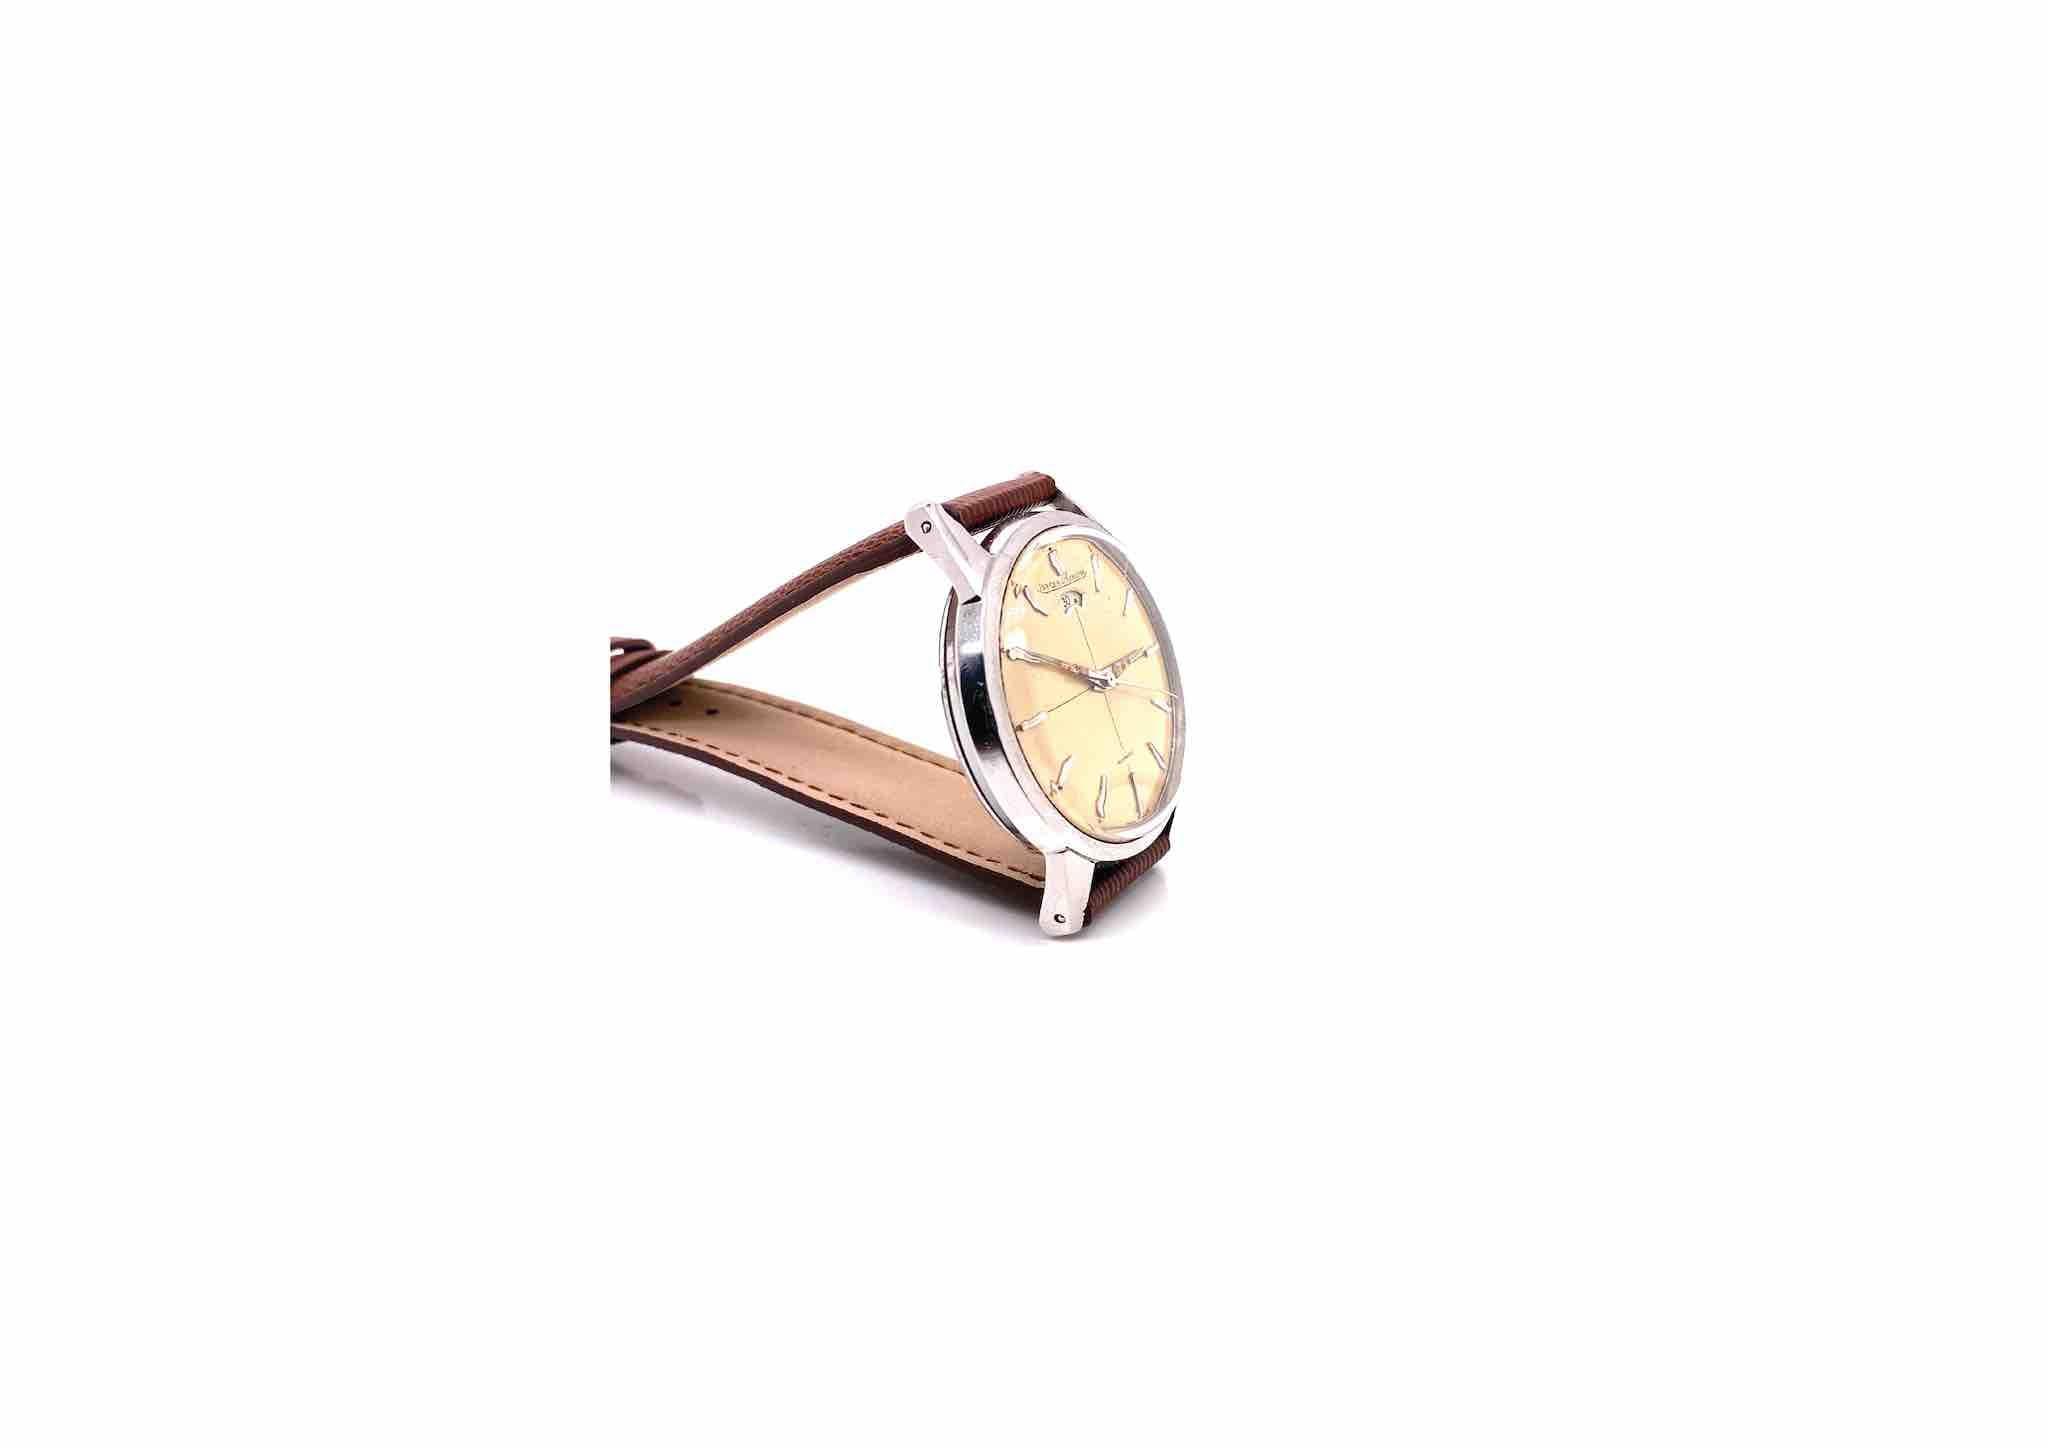 Montre Jaeger LeCoultre bracelet cuir